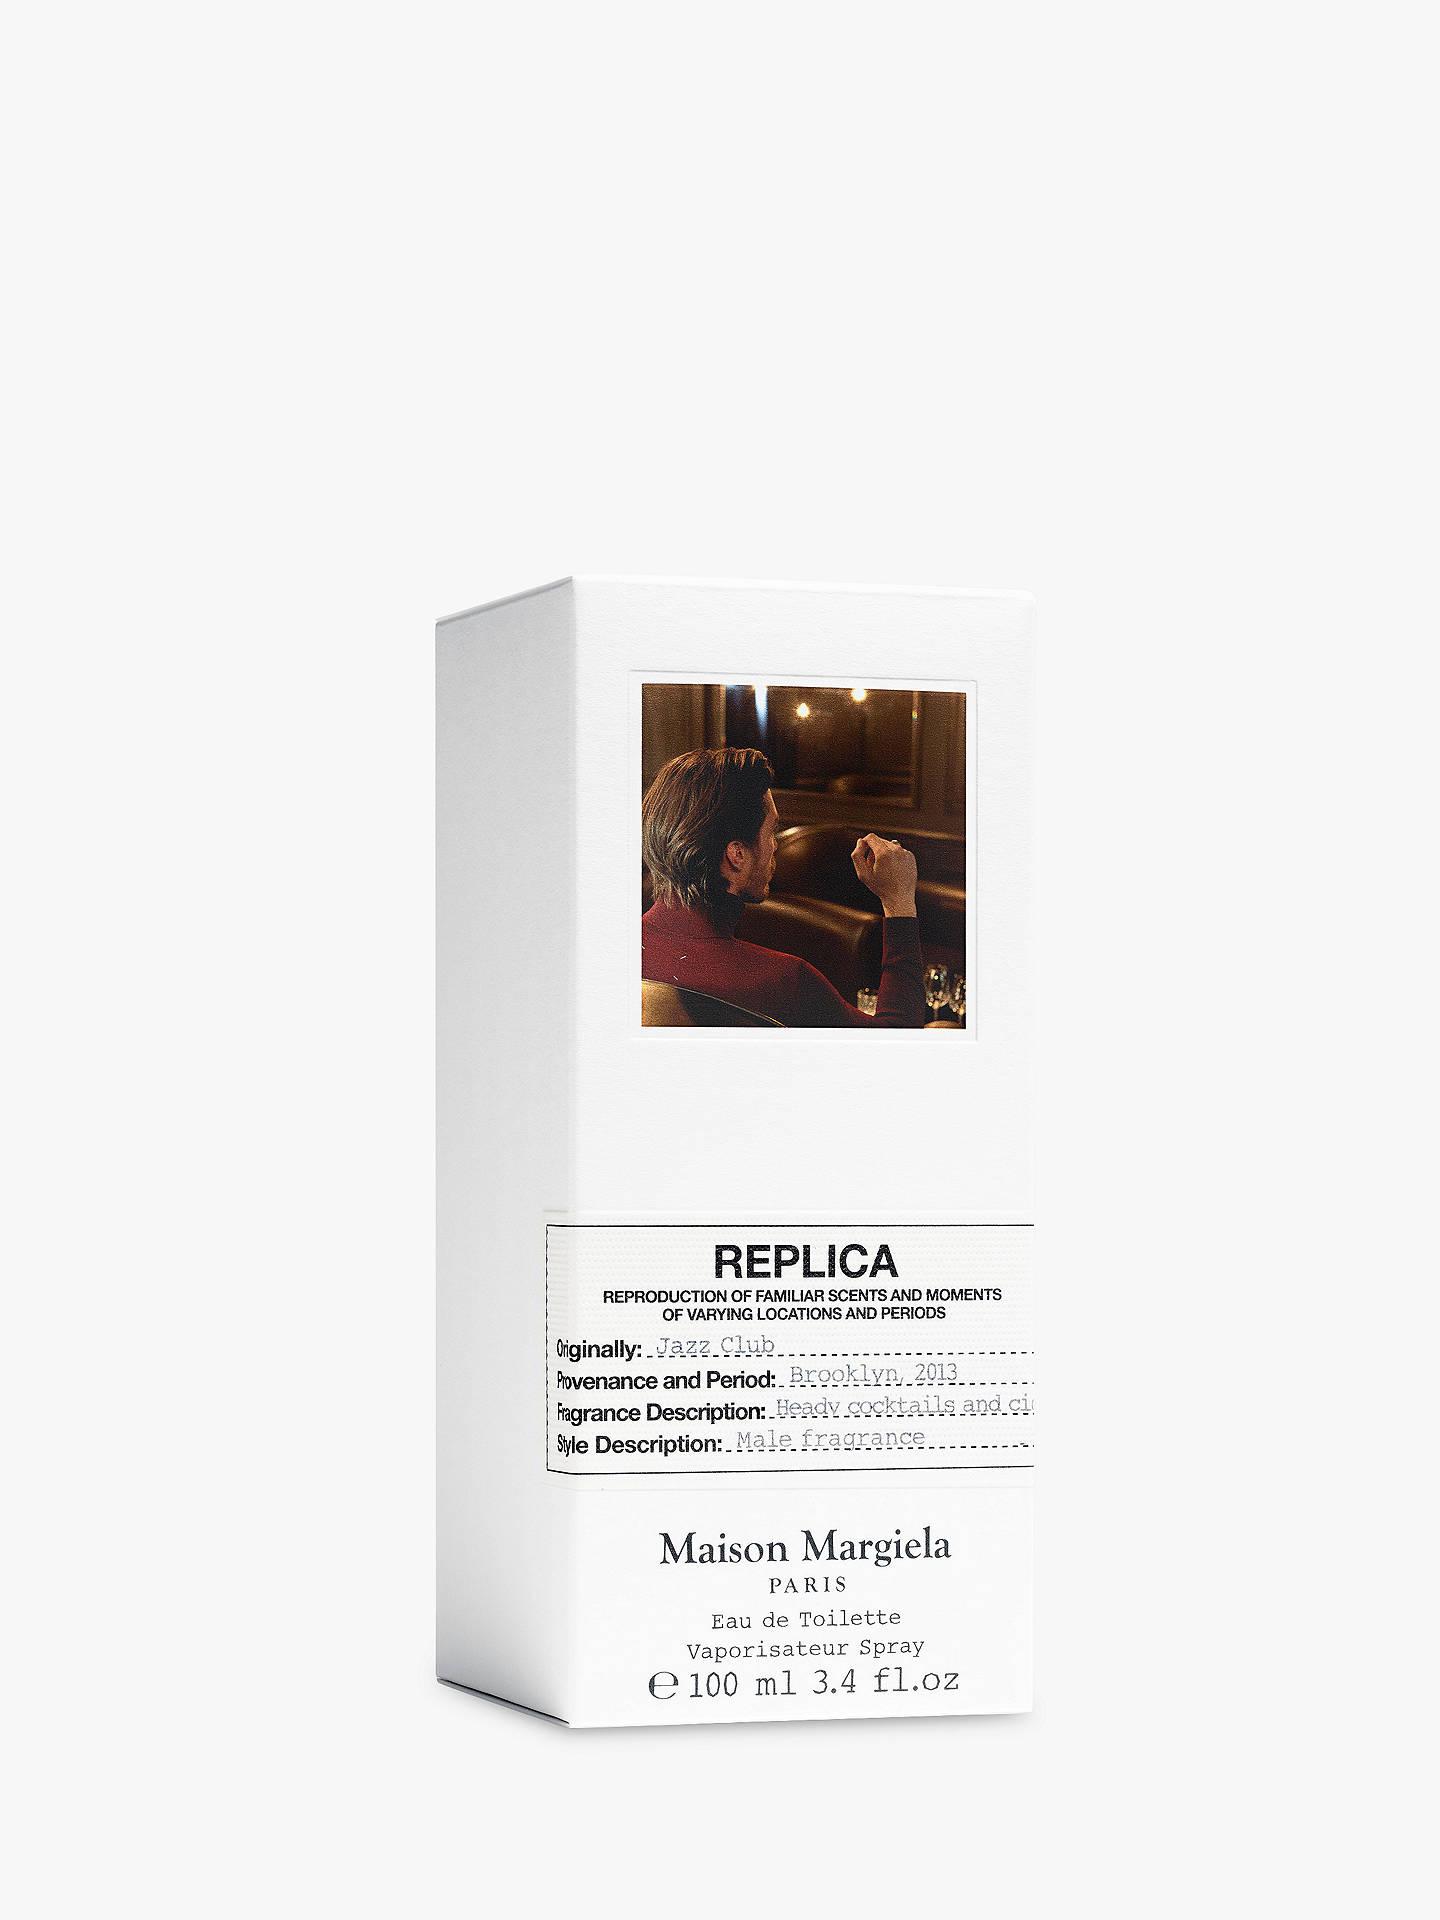 d363b9d16c8 ... Buy Maison Margiela Replica Jazz Club Eau de Toilette